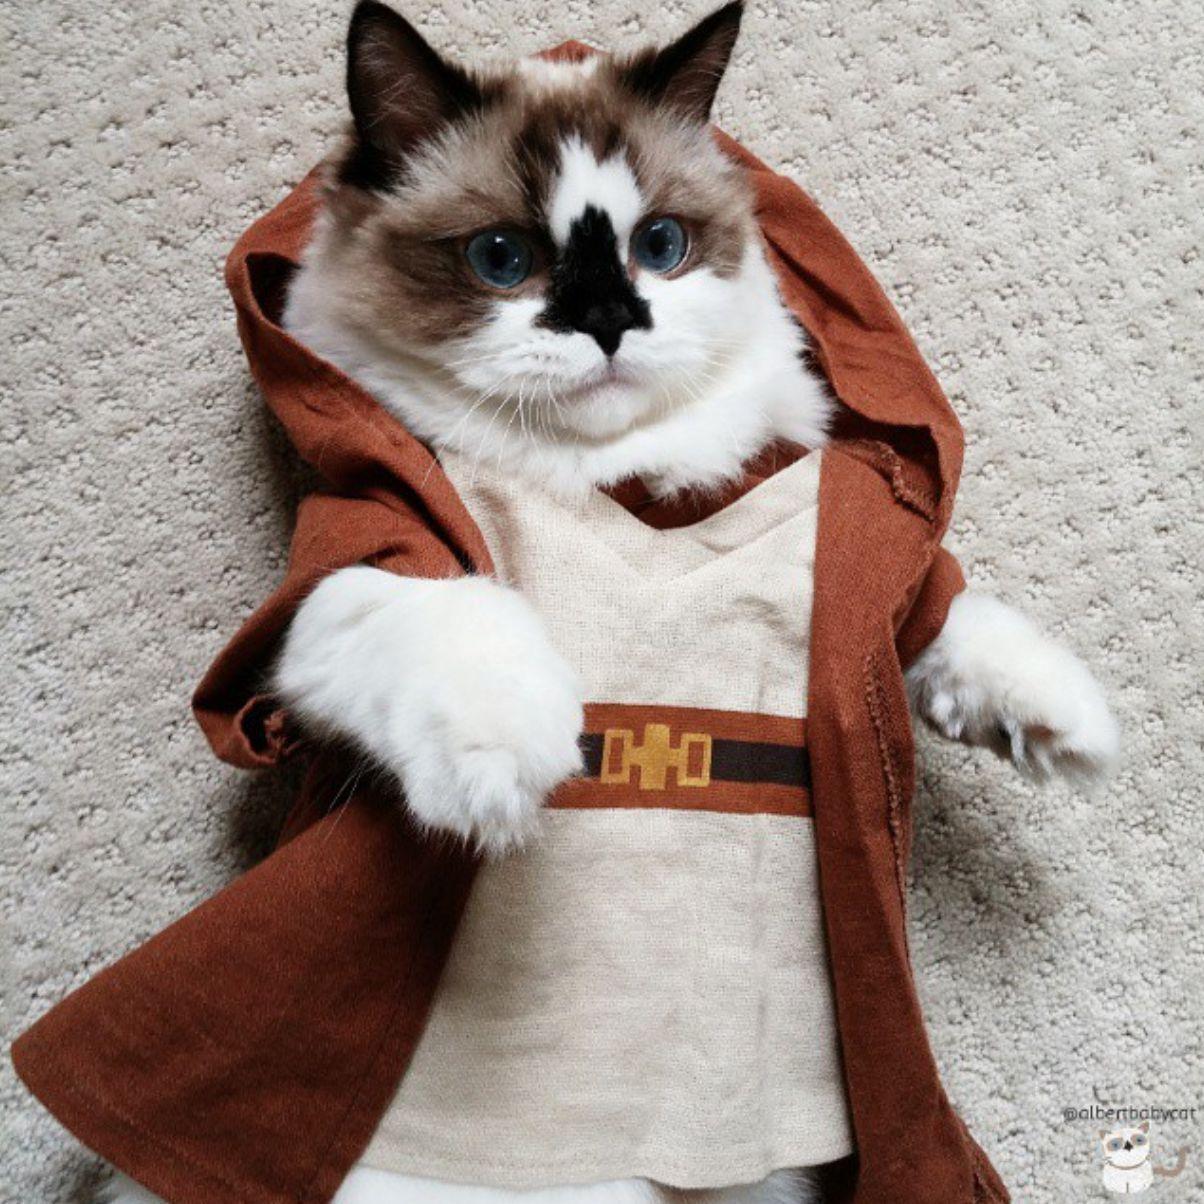 Image result for obi wan kenobi cat